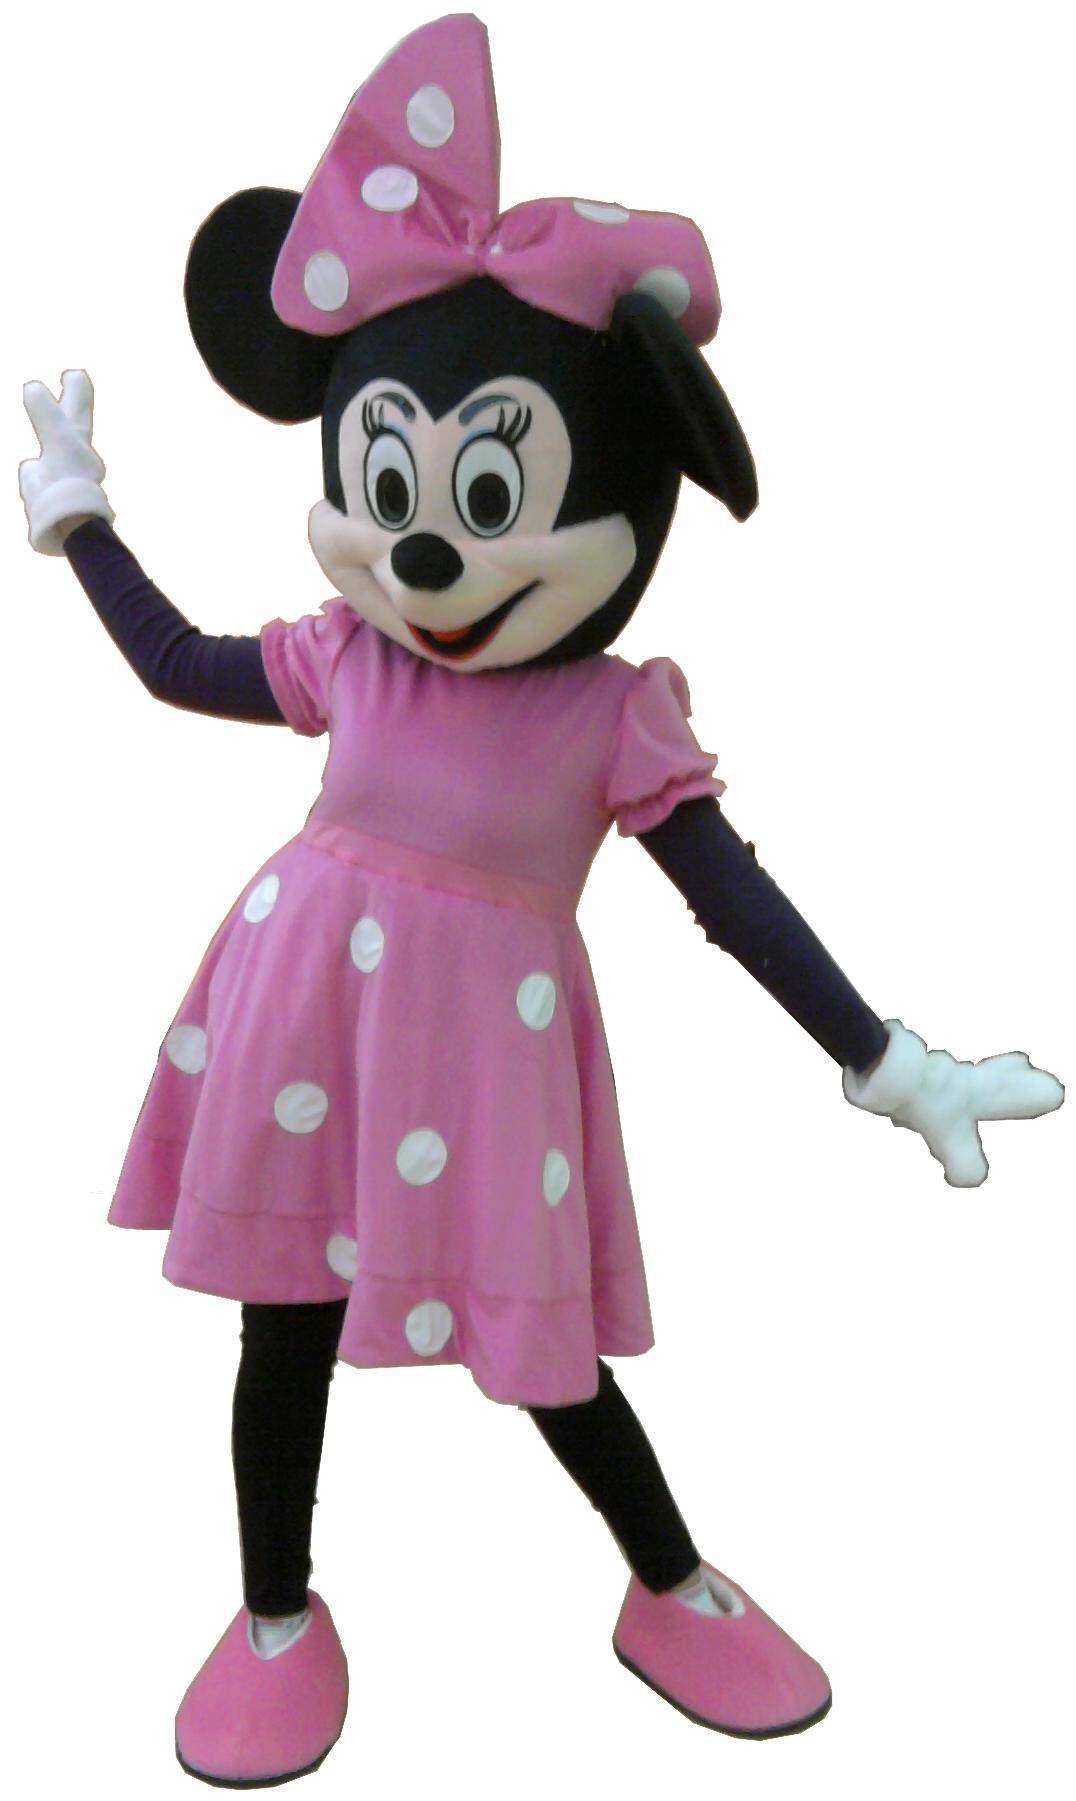 Noleggio Mascotte Minnie